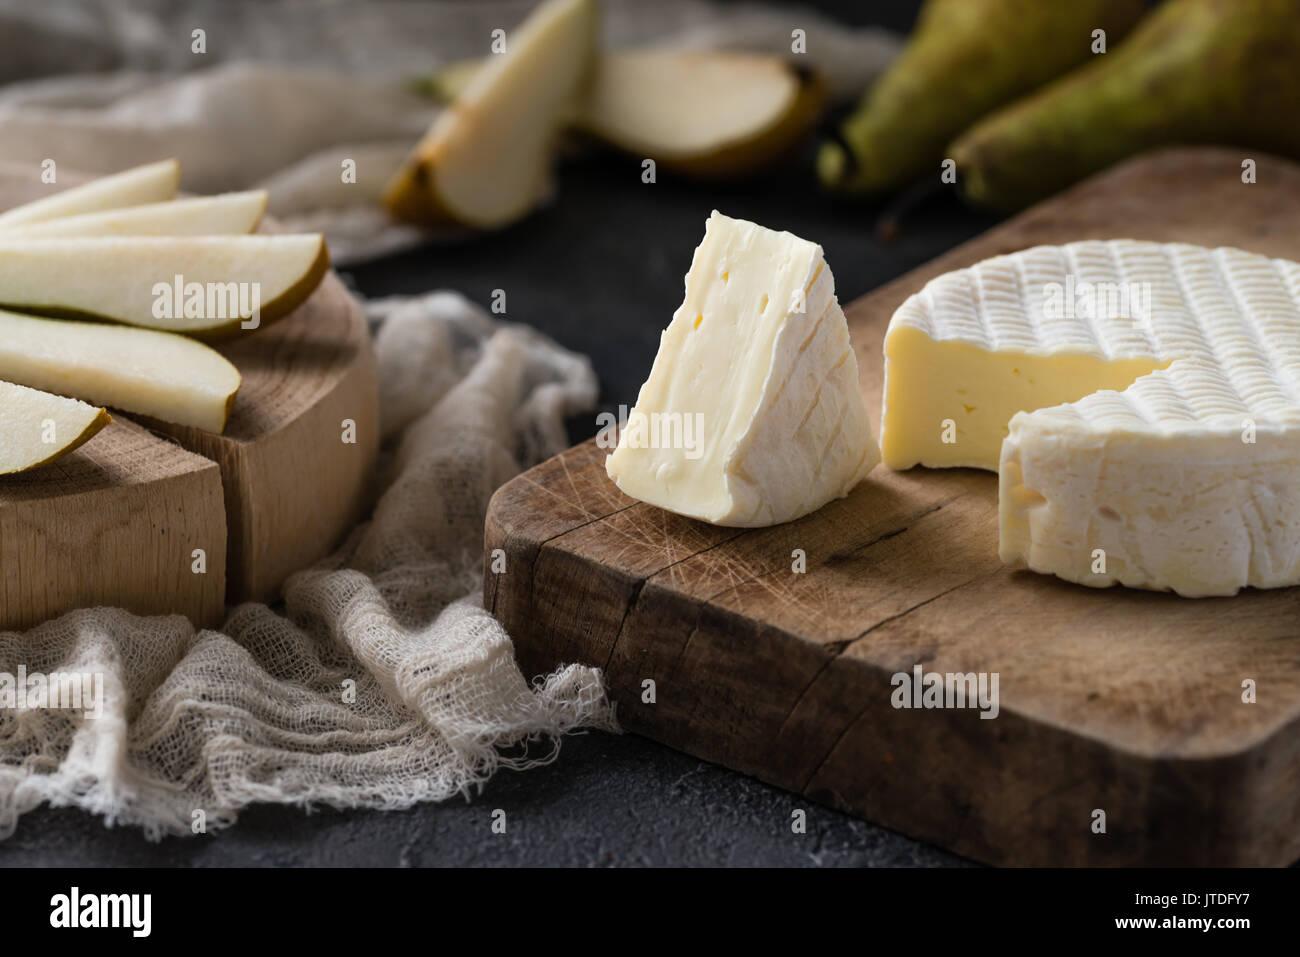 Fromage Français de Normandie en tranches avec poire sur une planche en bois sombre sur fond rustique Photo Stock